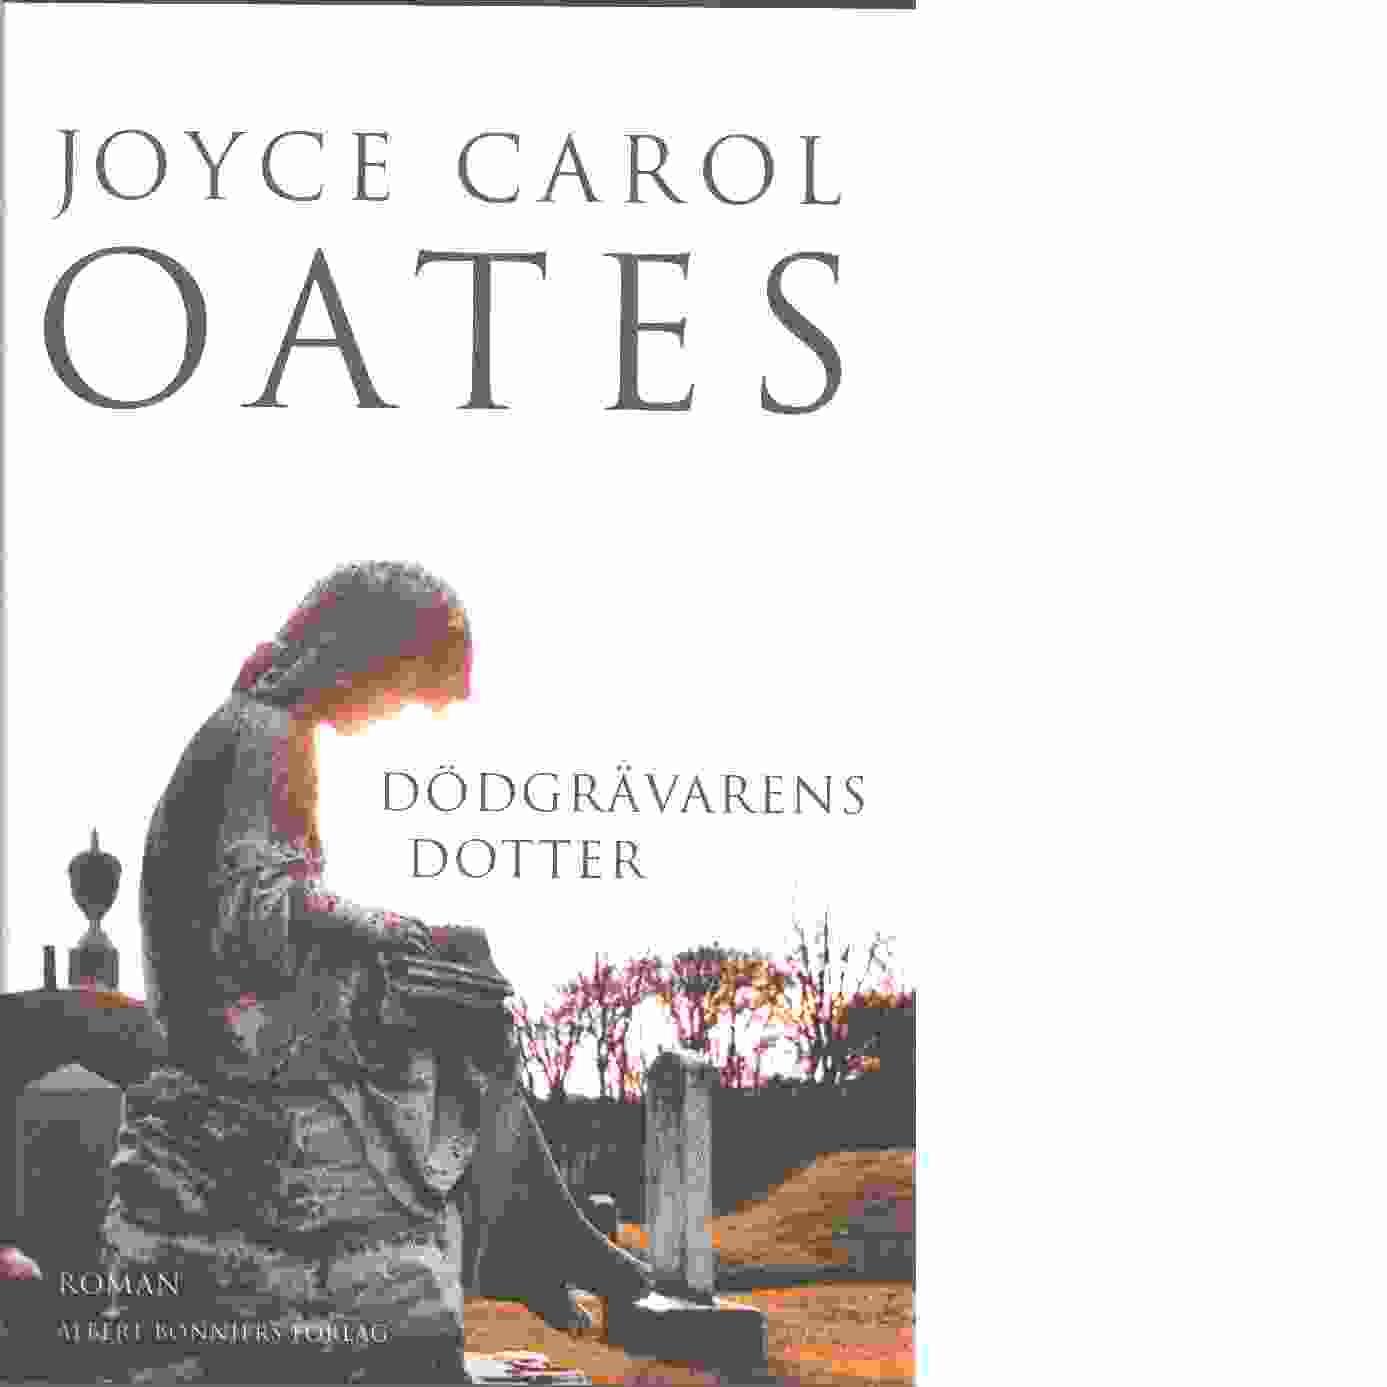 Dödgrävarens dotter - Oates, Joyce Carol